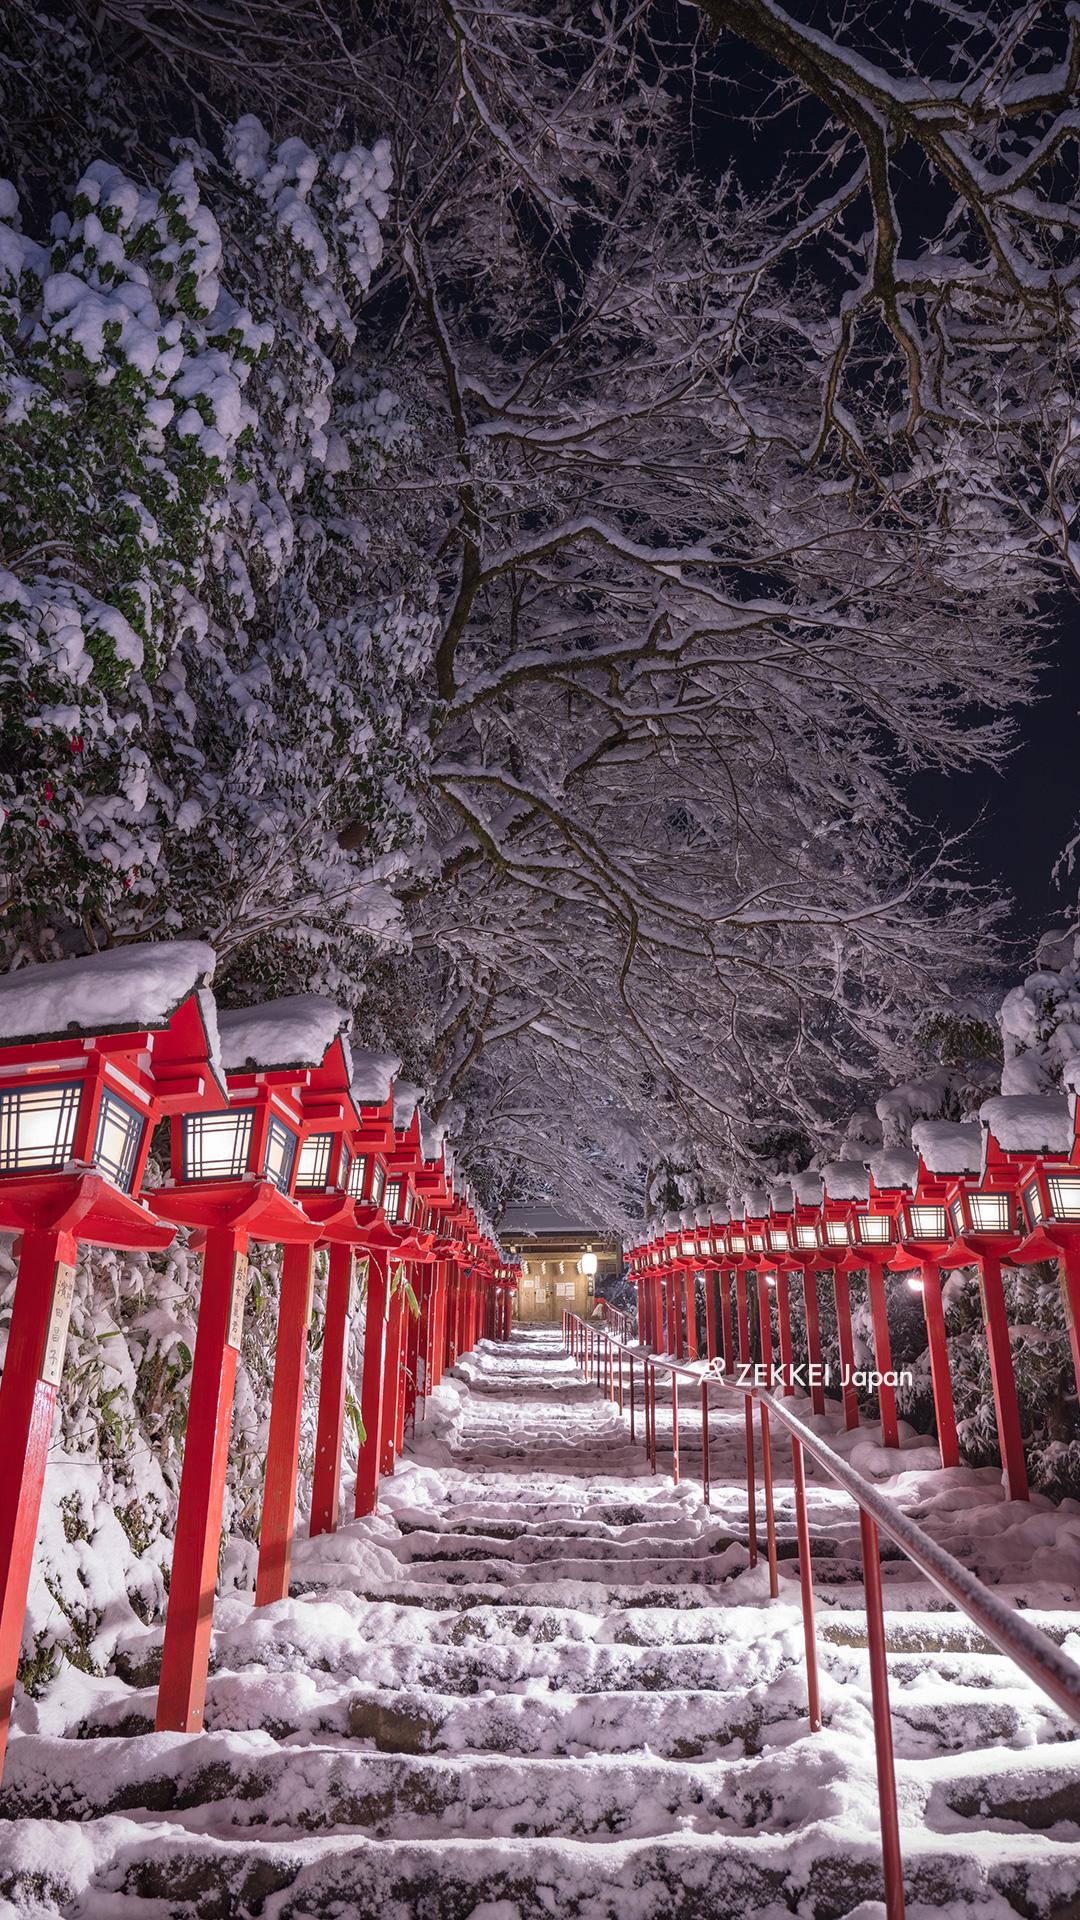 絶景壁紙 真っ白な雪に映える朱塗りの壁紙 Zekkei Japan